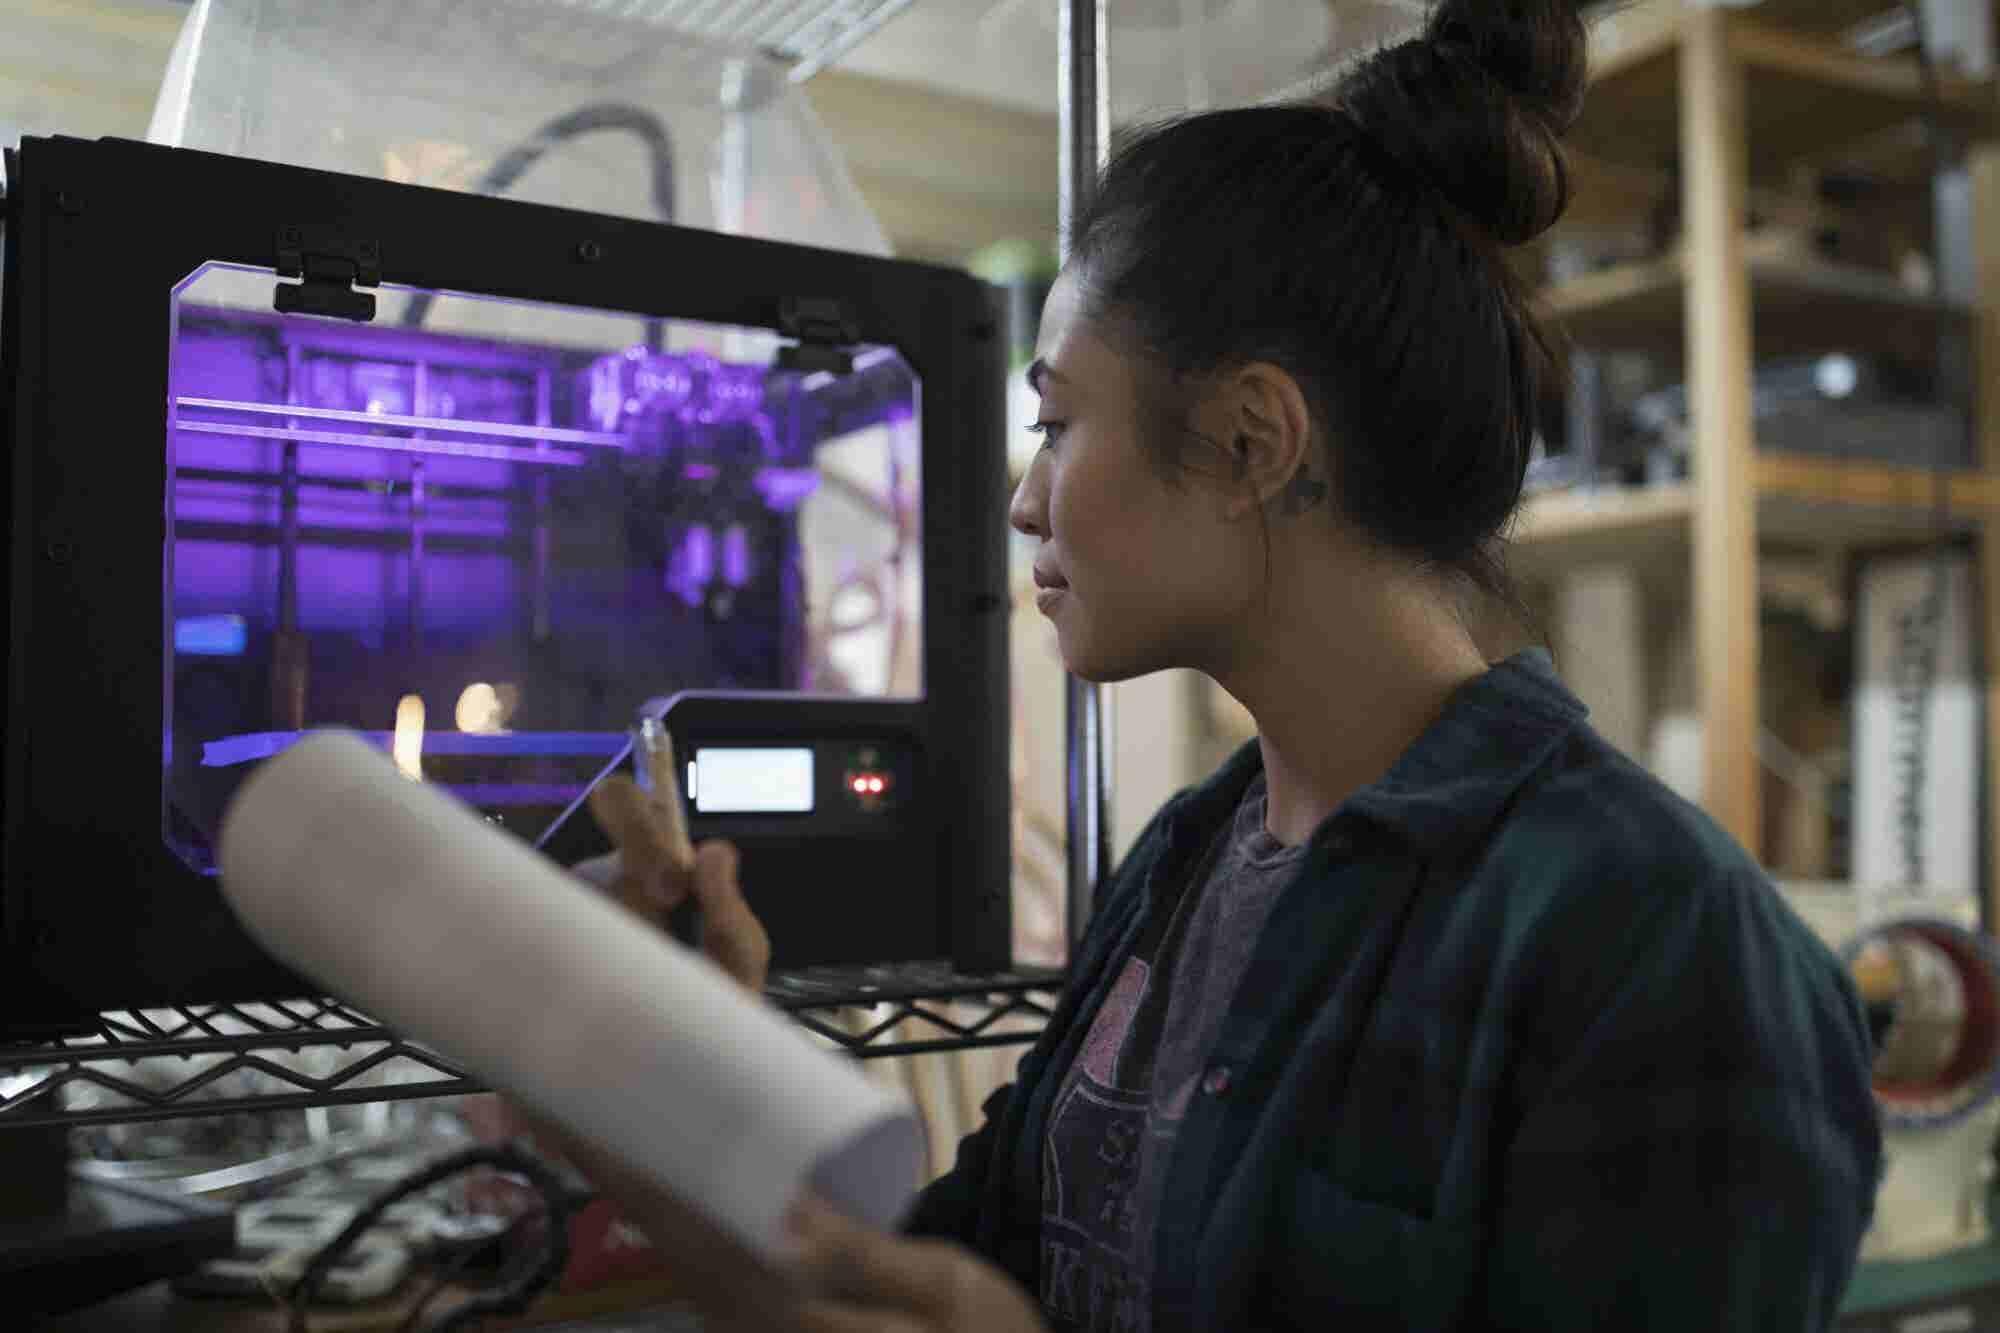 Keeping Talented Women in the Tech Workforce